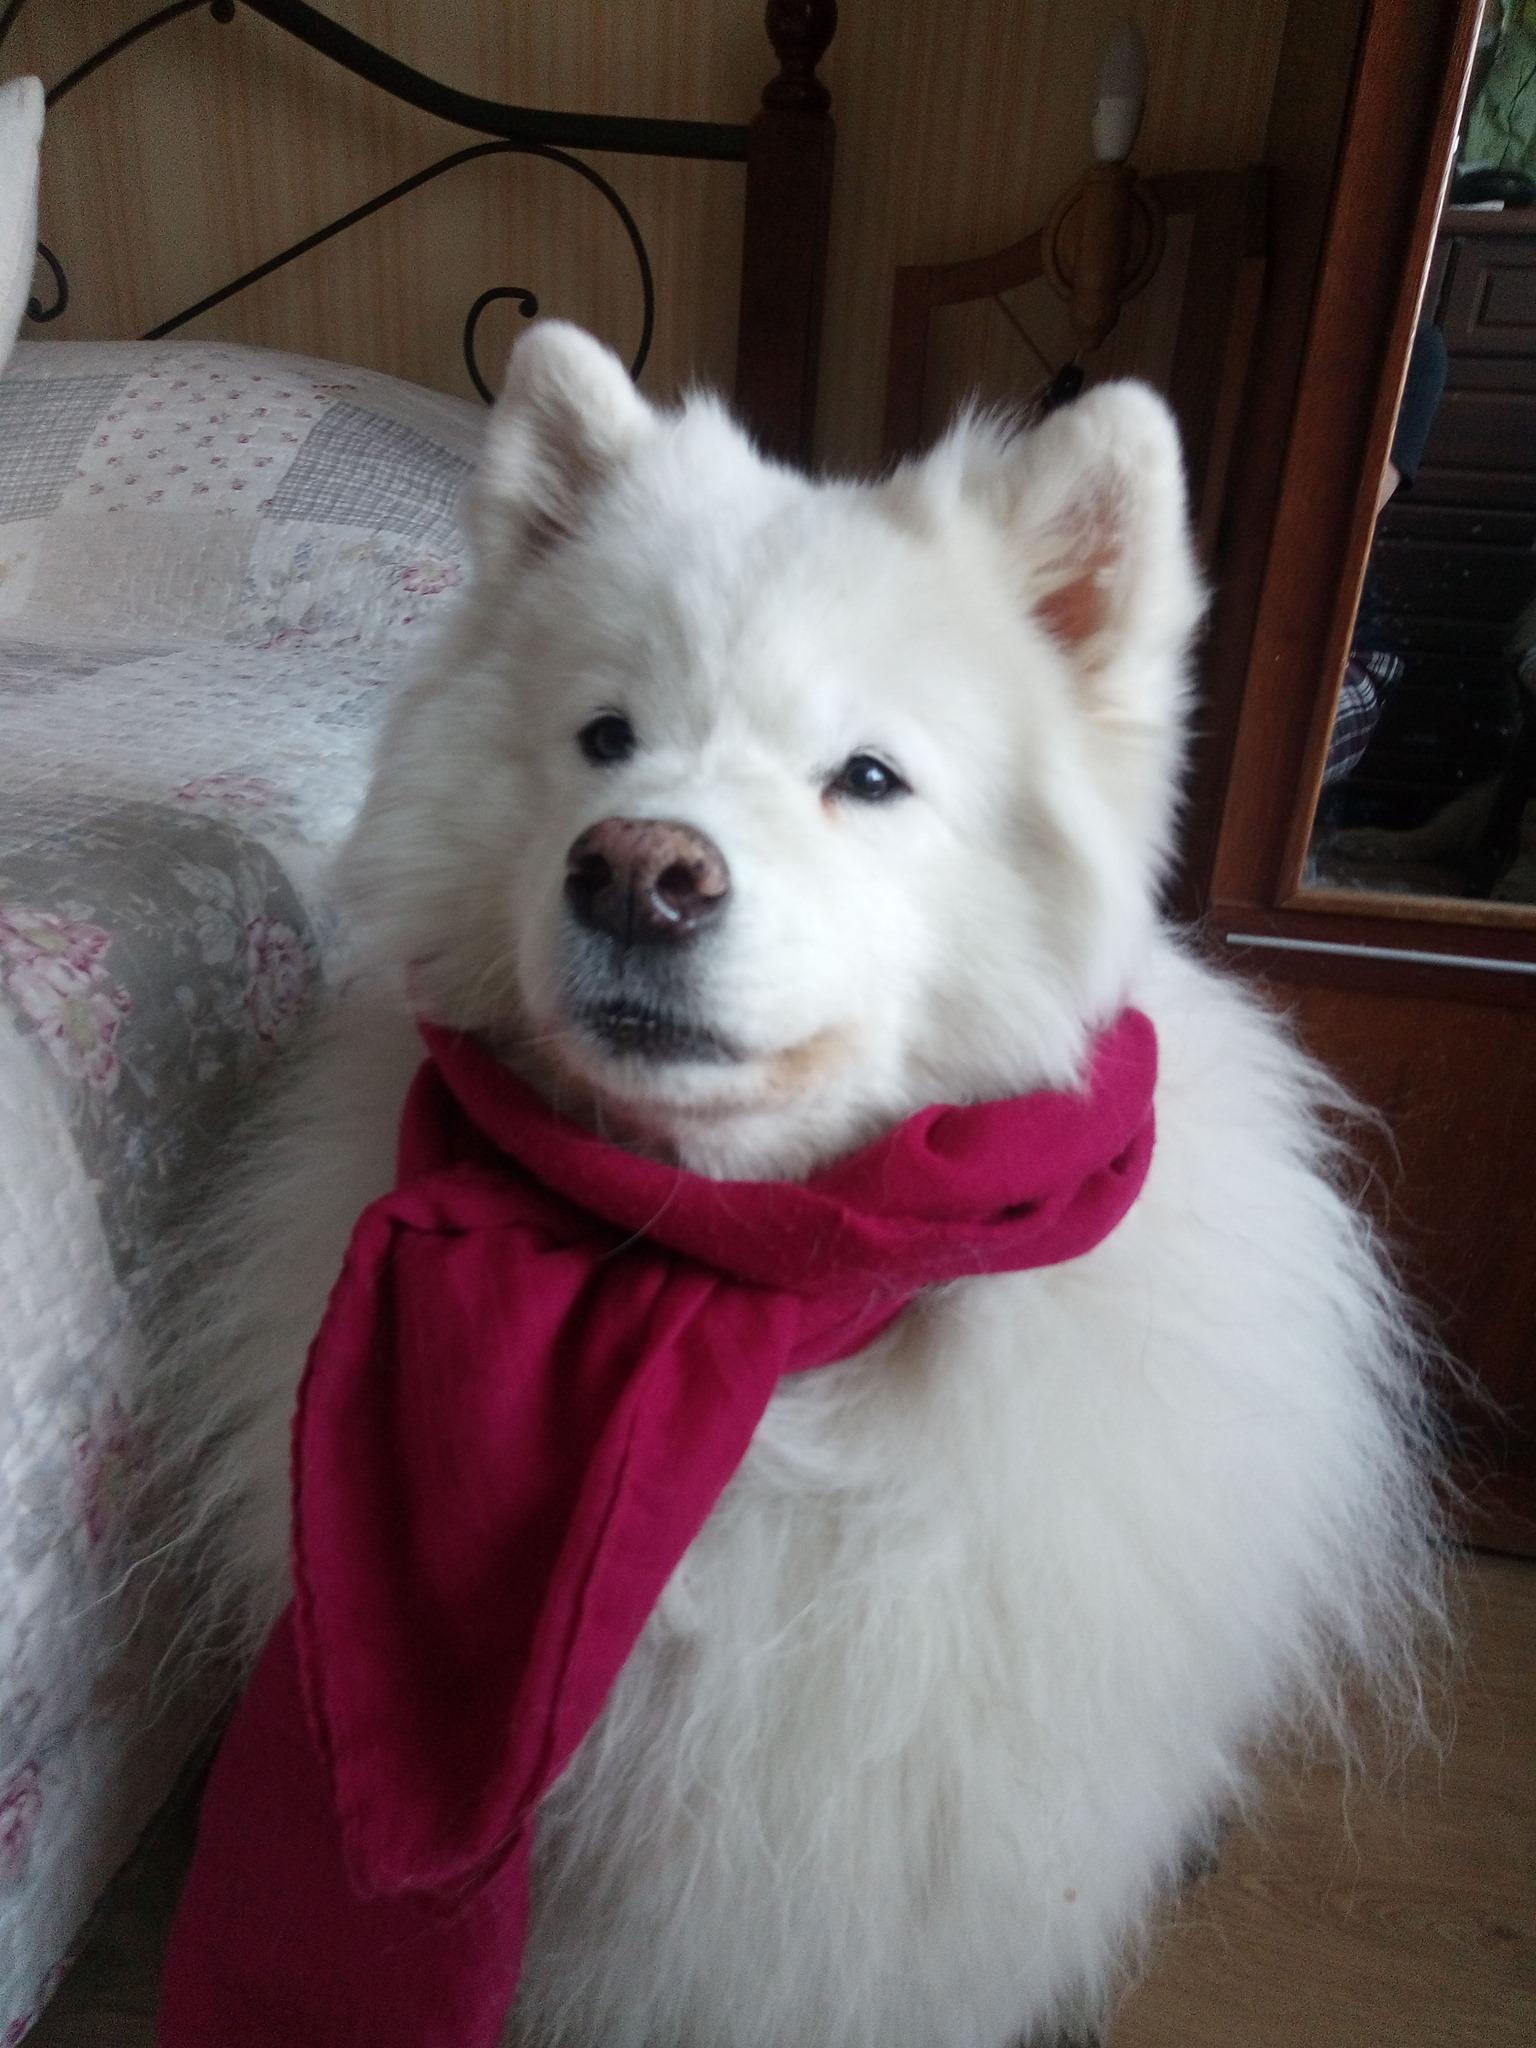 У Франківську невідомі масово труять собак: за інформацію про зловмисників оголосили винагороду 1